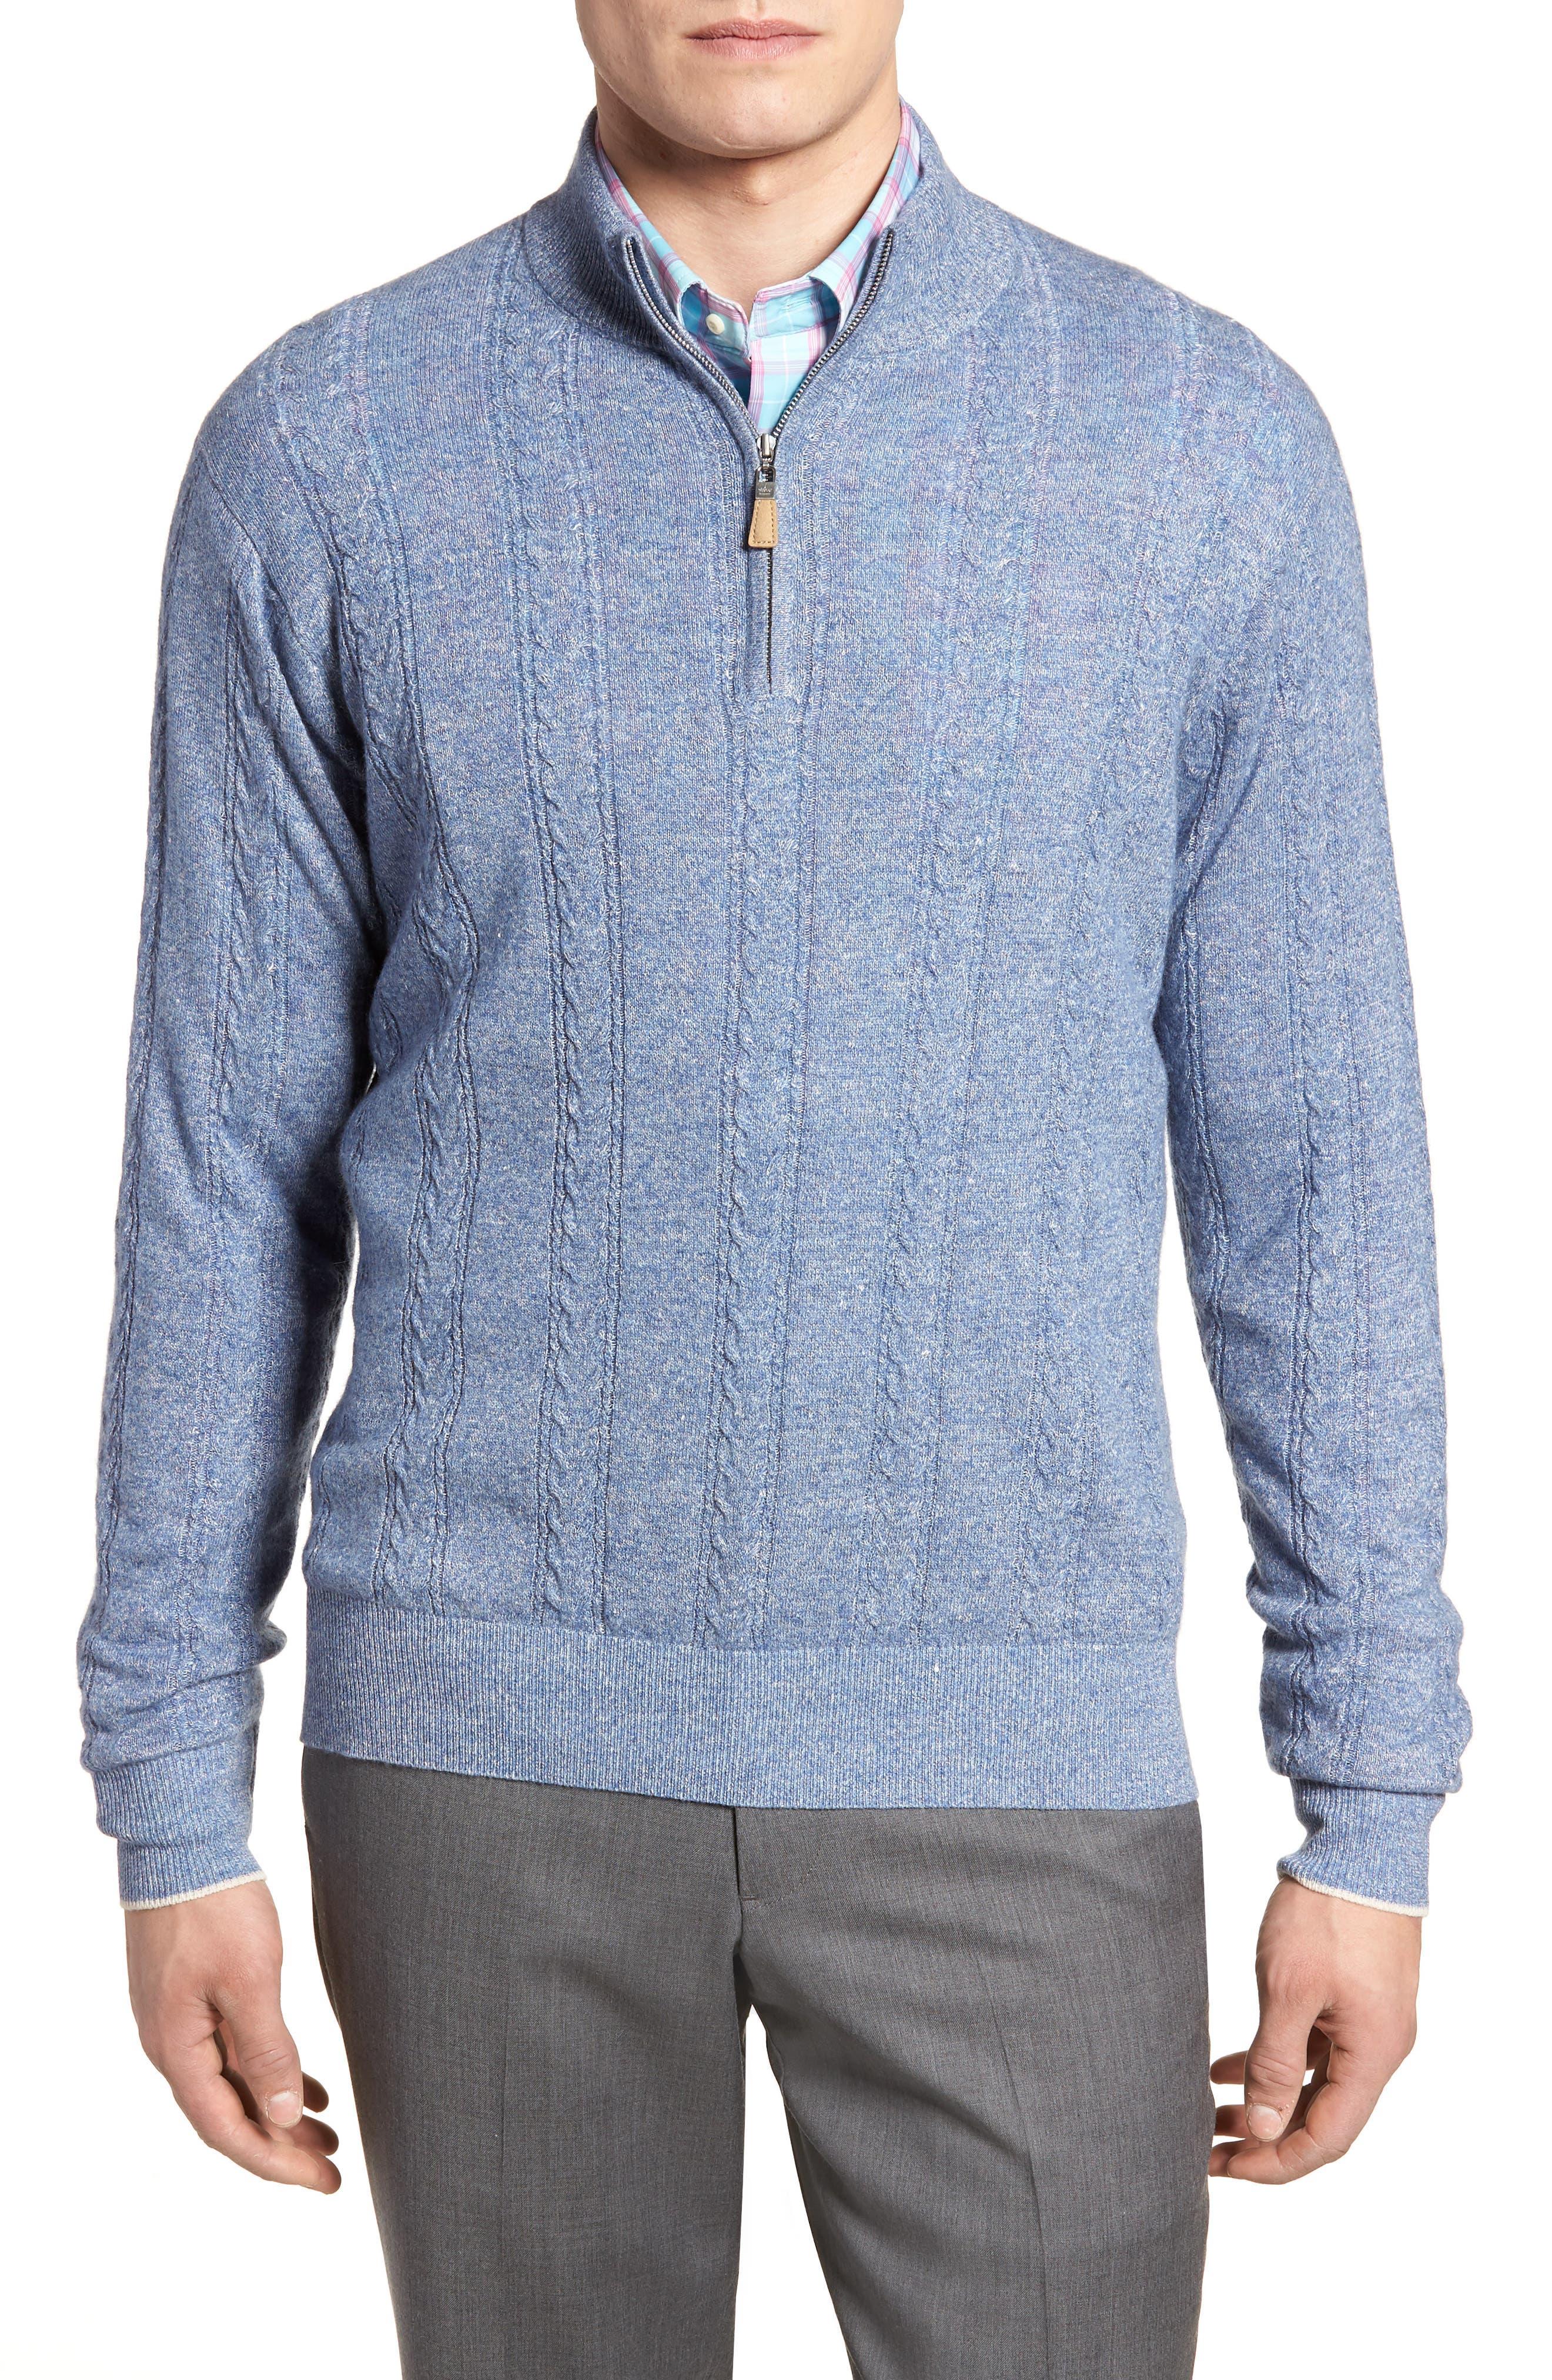 Crown Fleece Cashmere & Linen Quarter Zip Sweater,                         Main,                         color, Atlas Blue